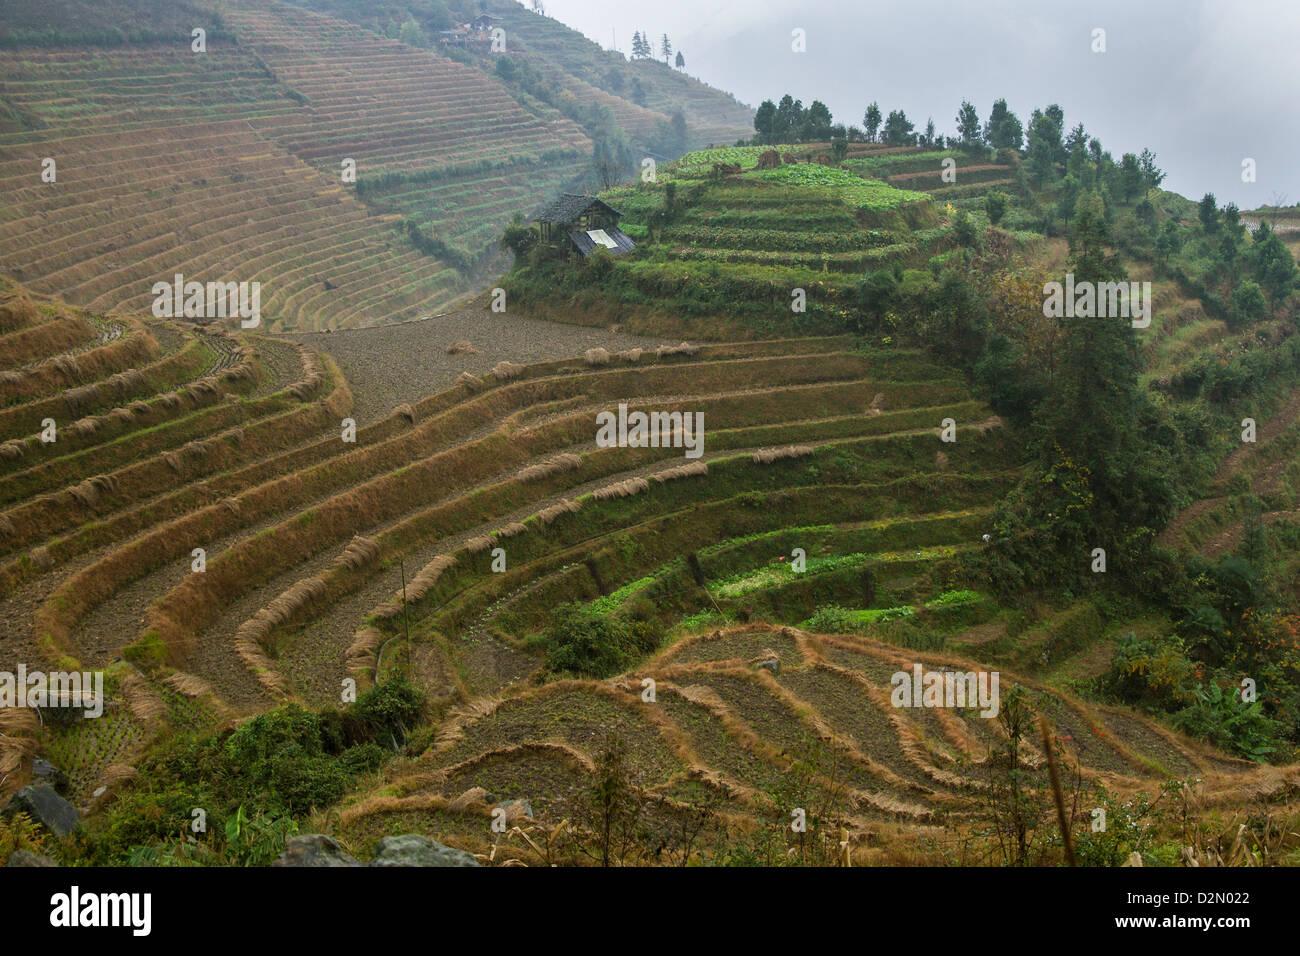 Rice terraces, Longji, Guangxi, China, Asia - Stock Image